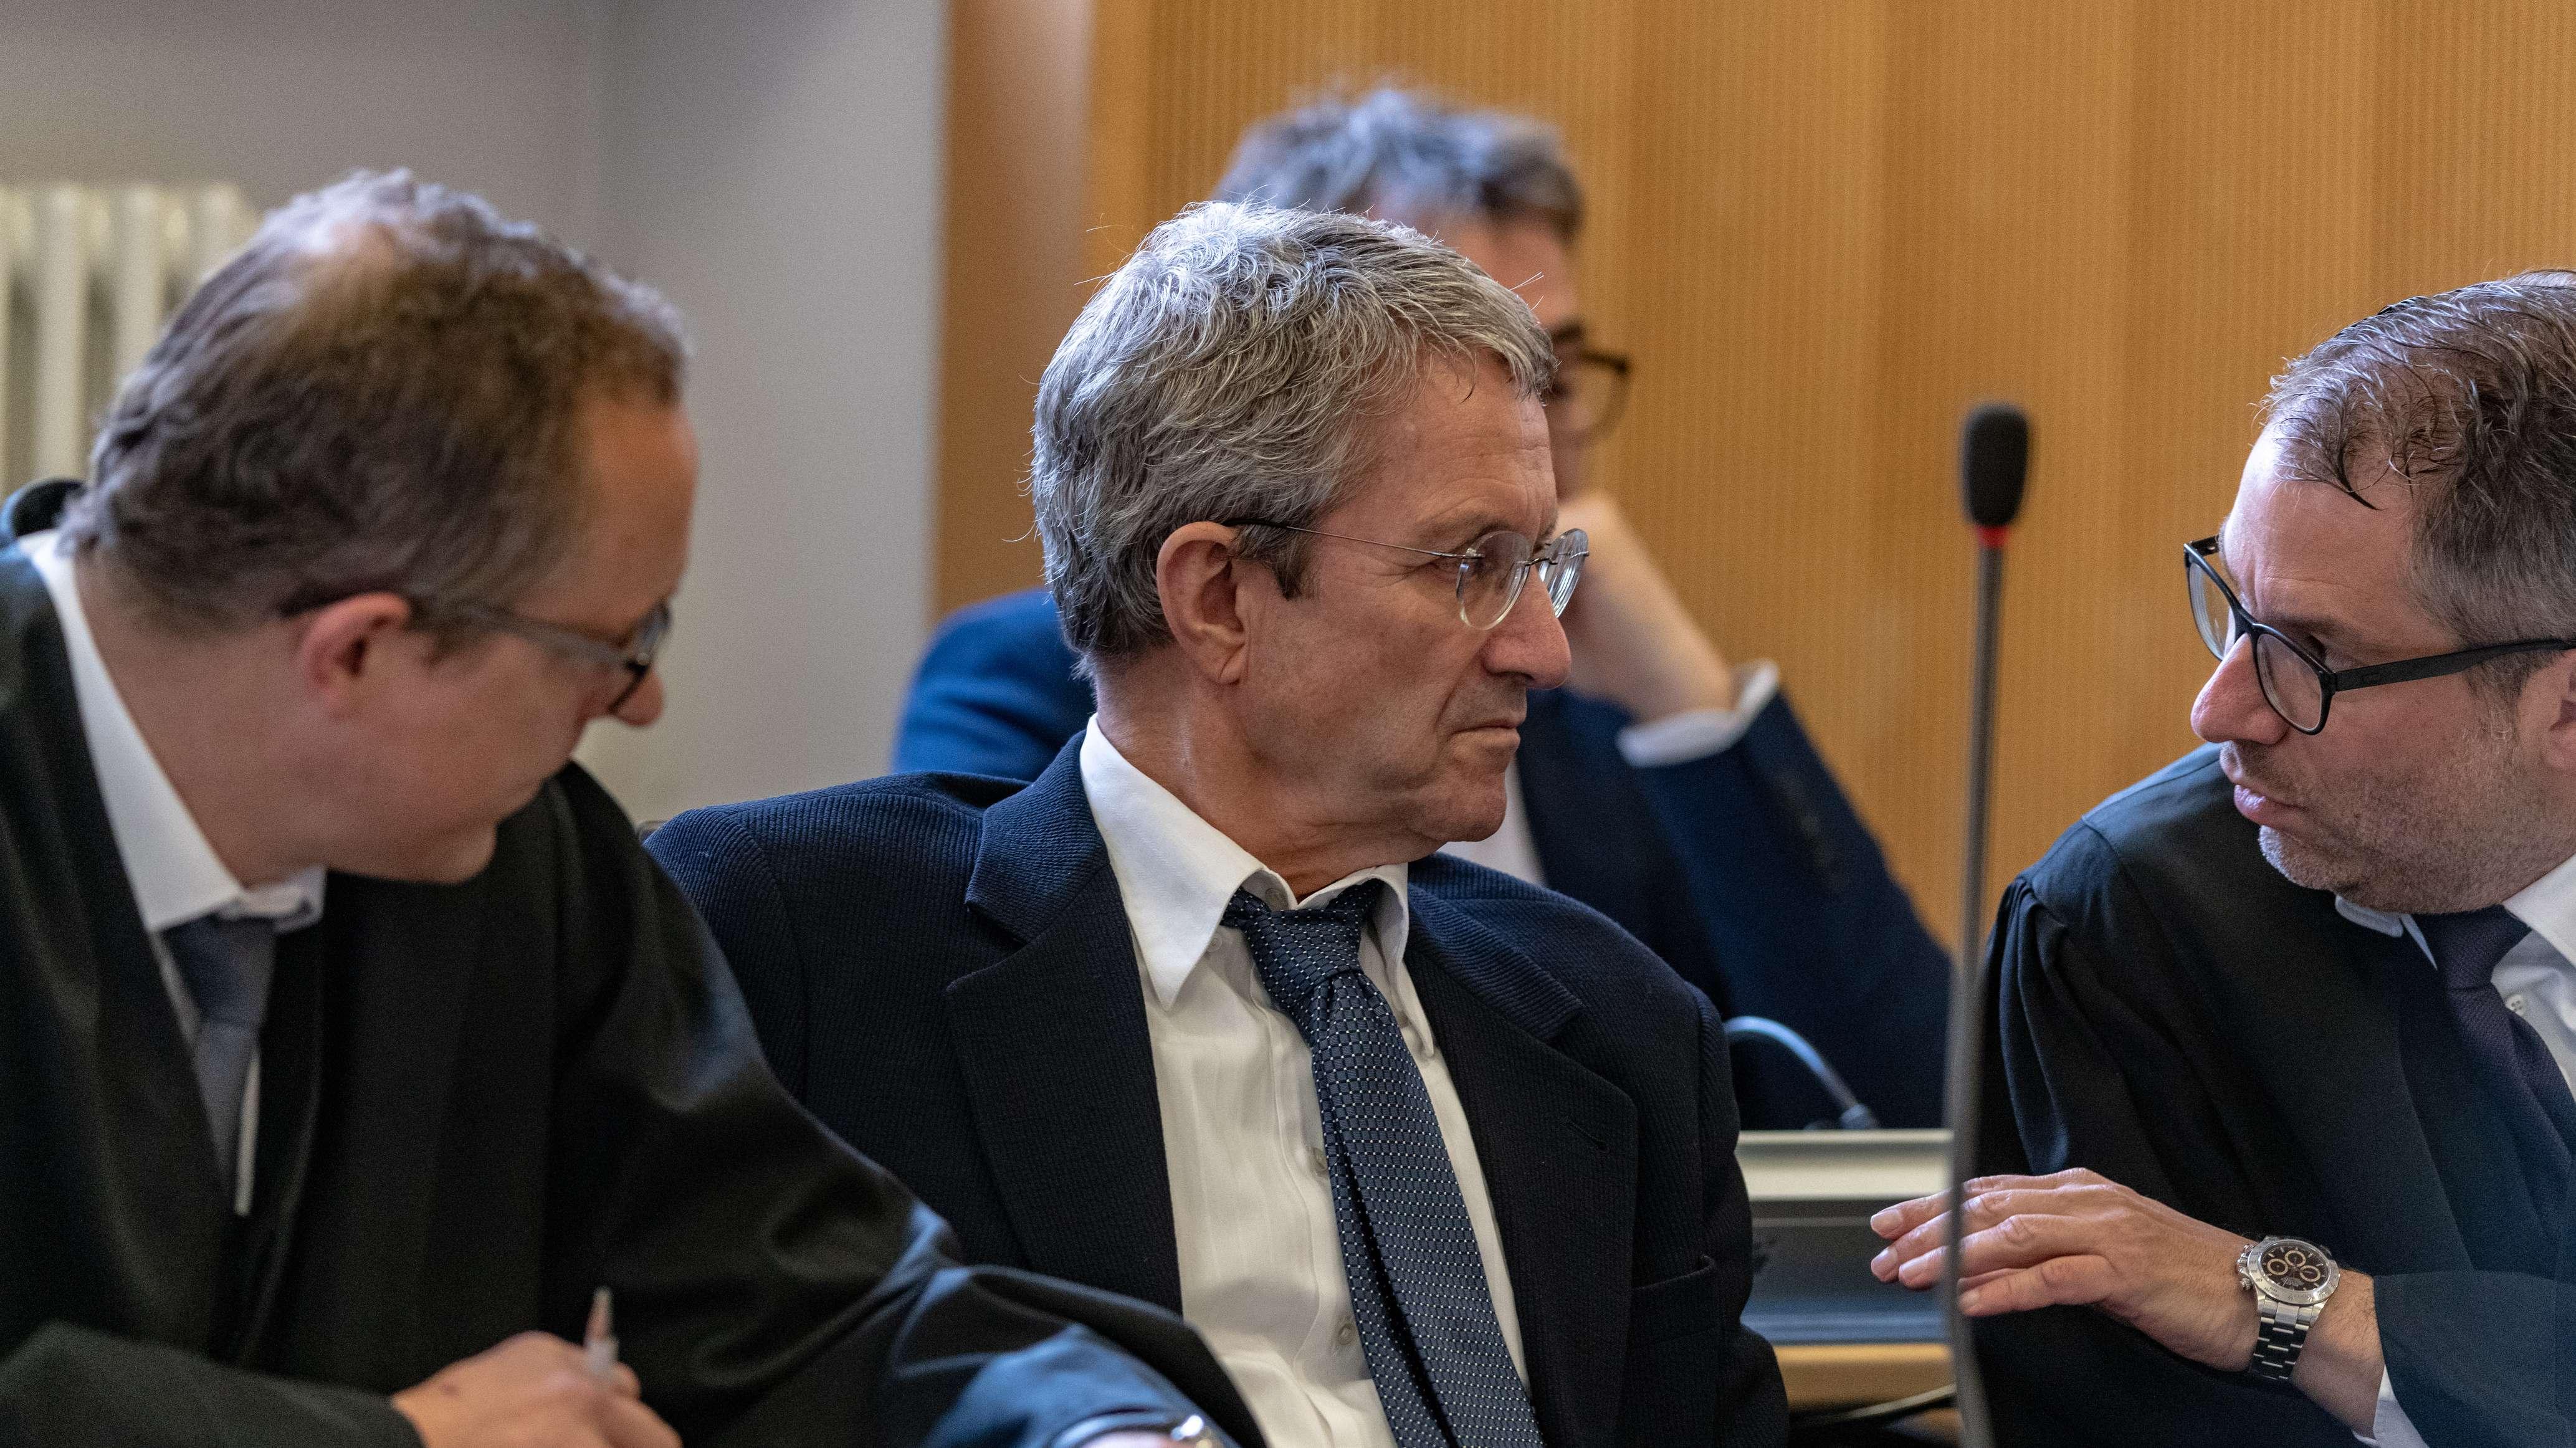 Volker Tretzel (M), Immobilienunternehmer, sitzt im Gerichtssaal des Landgerichts neben seinen Verteidigern Florian Ufer (r) und Jörg Meyer.